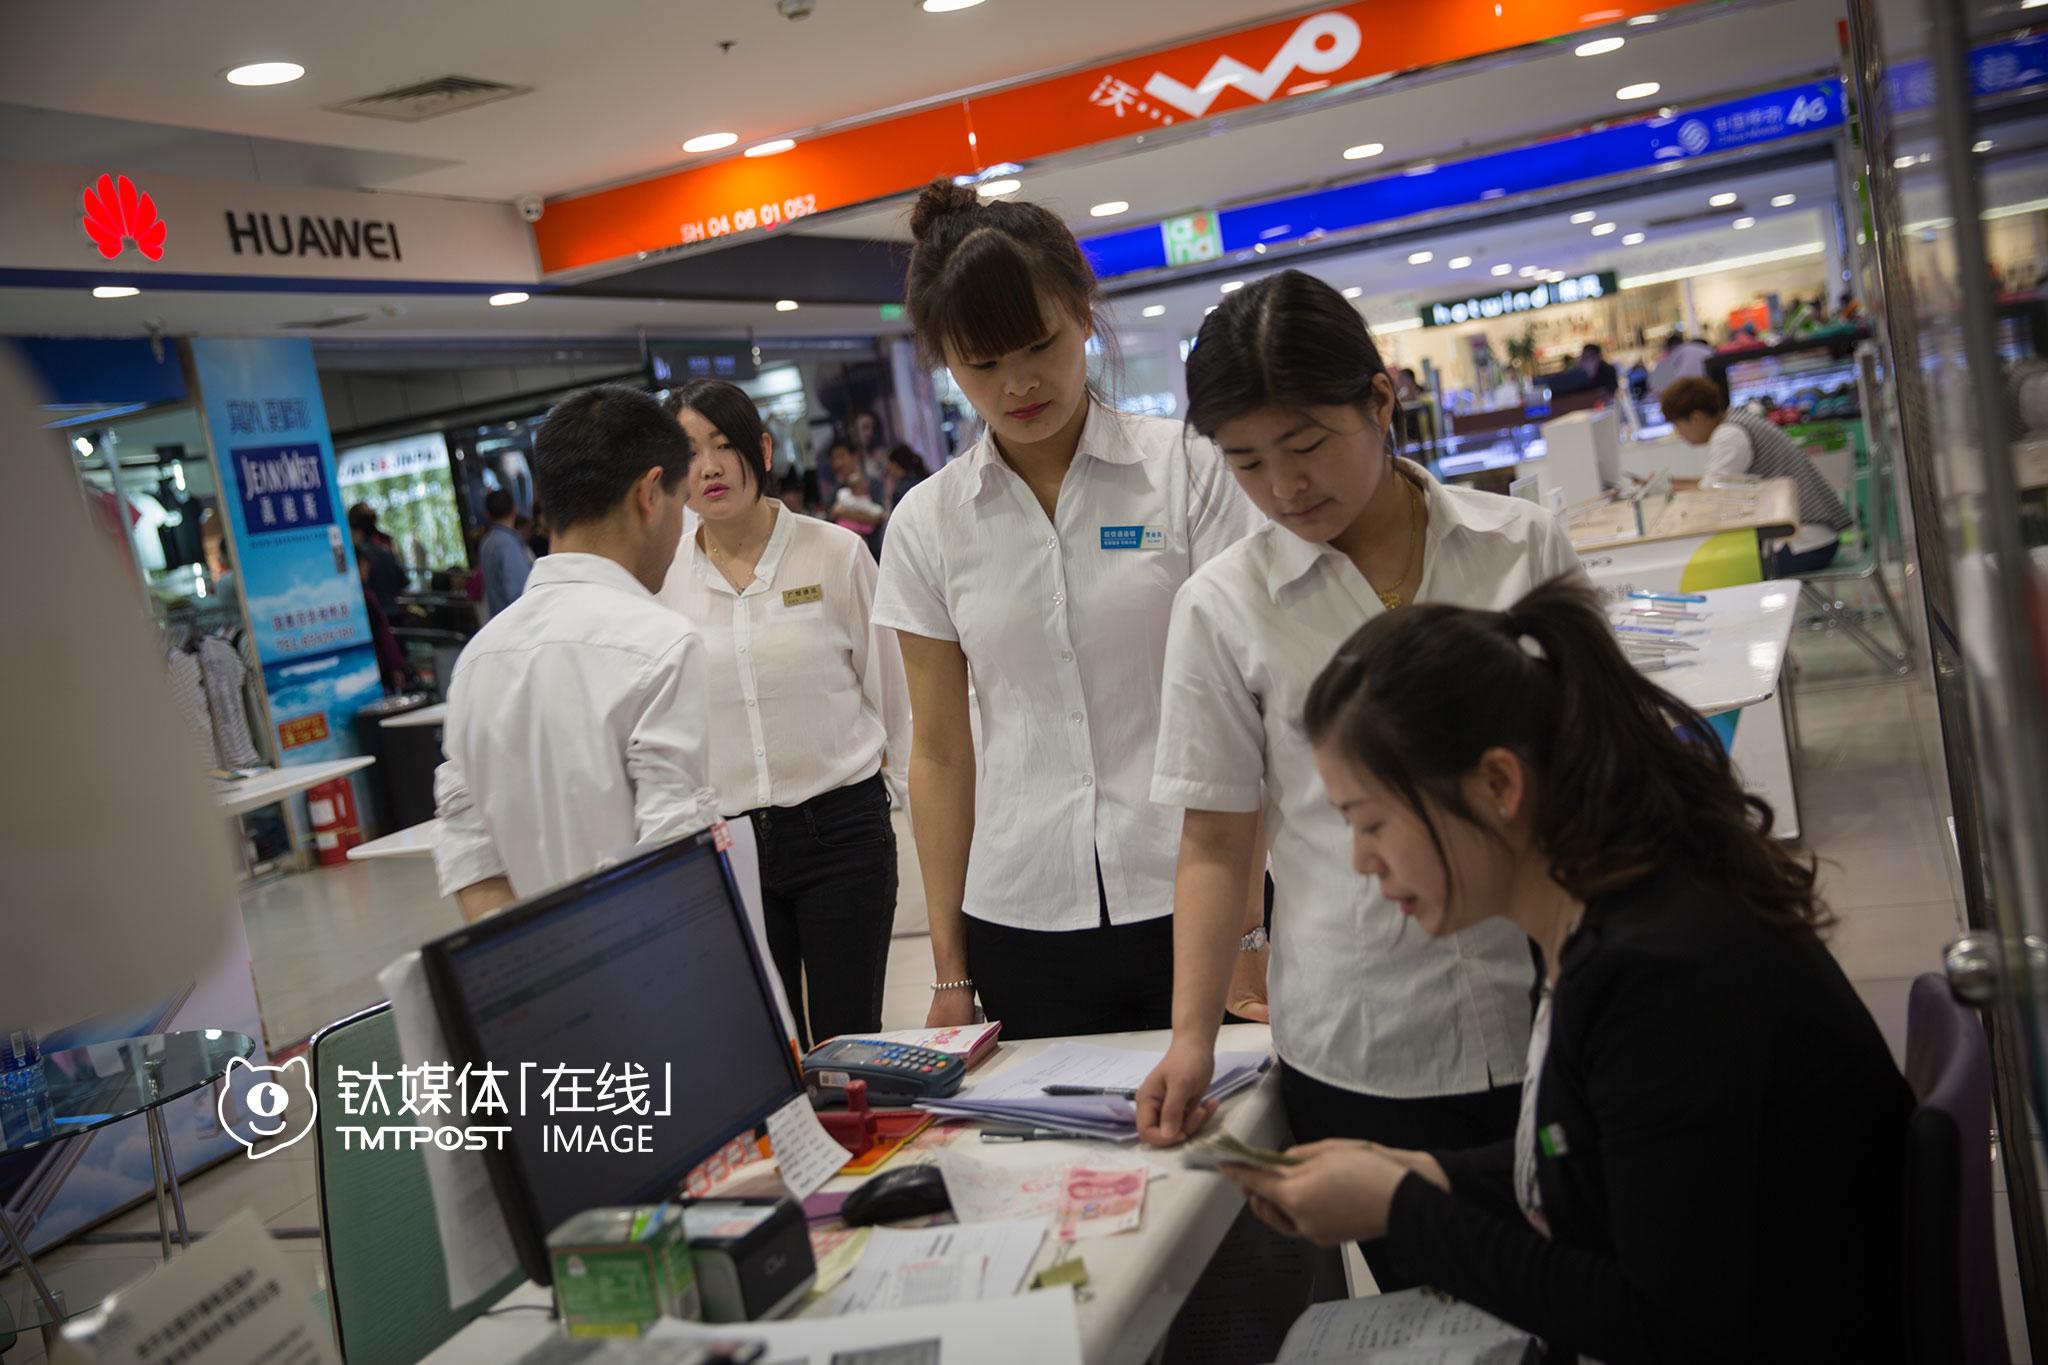 这家店还出售手机零配件、提供维修服务、运营商的相关服务业务,店里有6名员工,每天从9点半营业到晚上10点,6人两班倒。